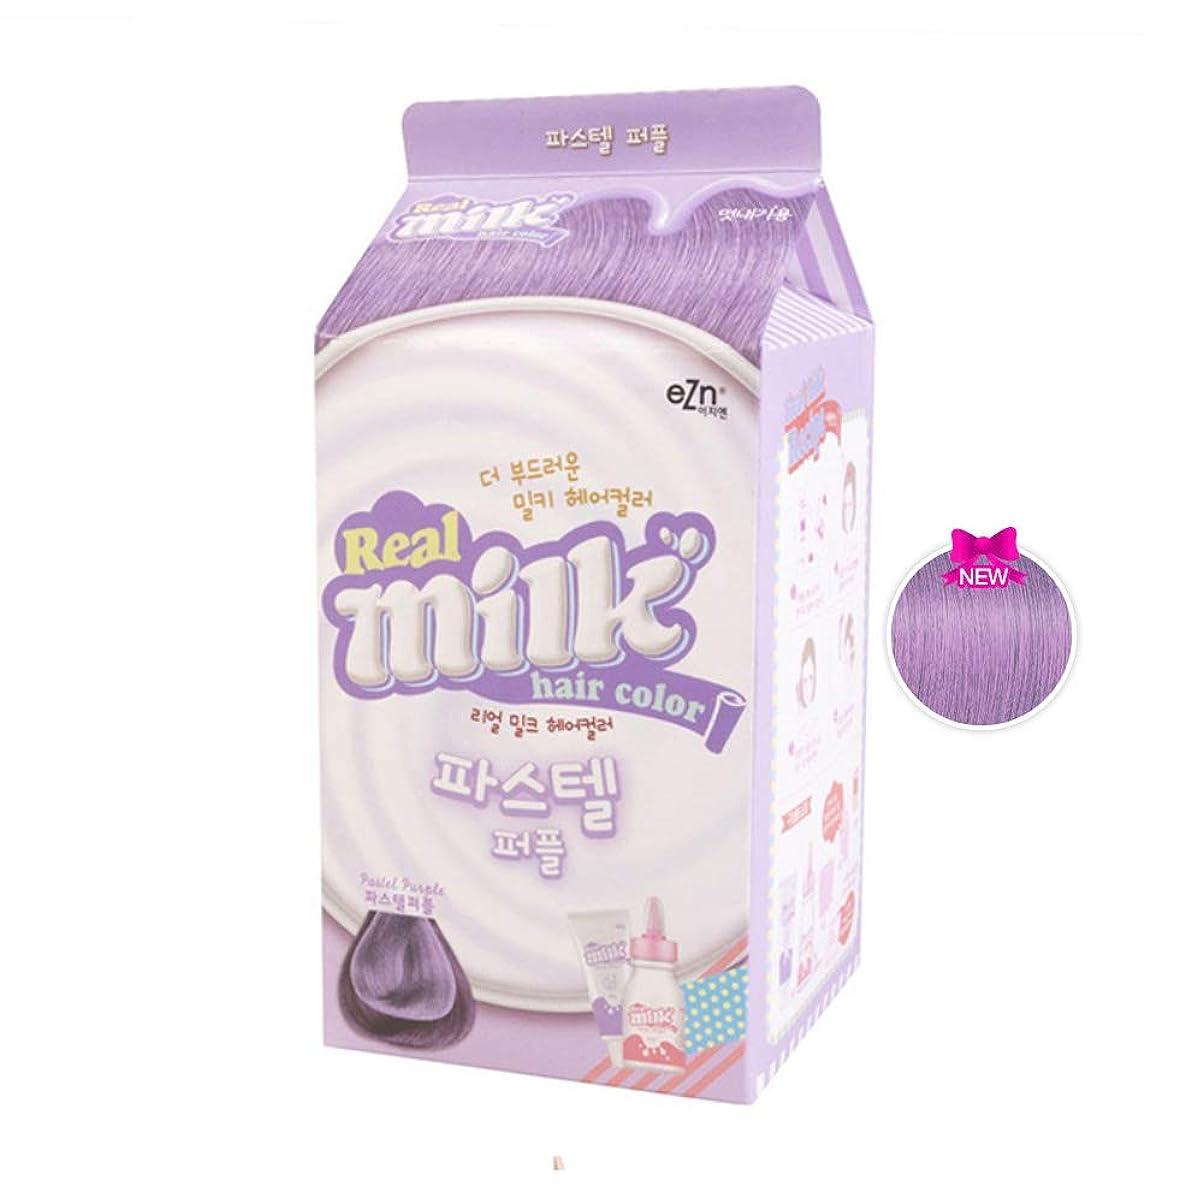 徹底考慮きつく(Pastel Purple) パステル ヘア 4カラー 染色 牛乳 たんぱく Real 栄養 Real Smooth 紫外線遮断剤含有 Hair Dye 並行輸入